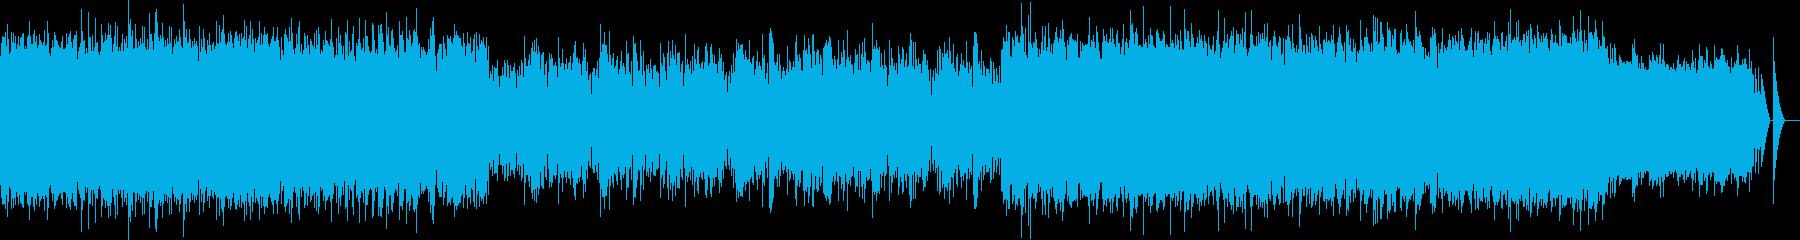 ショパン 幻想即興曲(オルゴール)の再生済みの波形